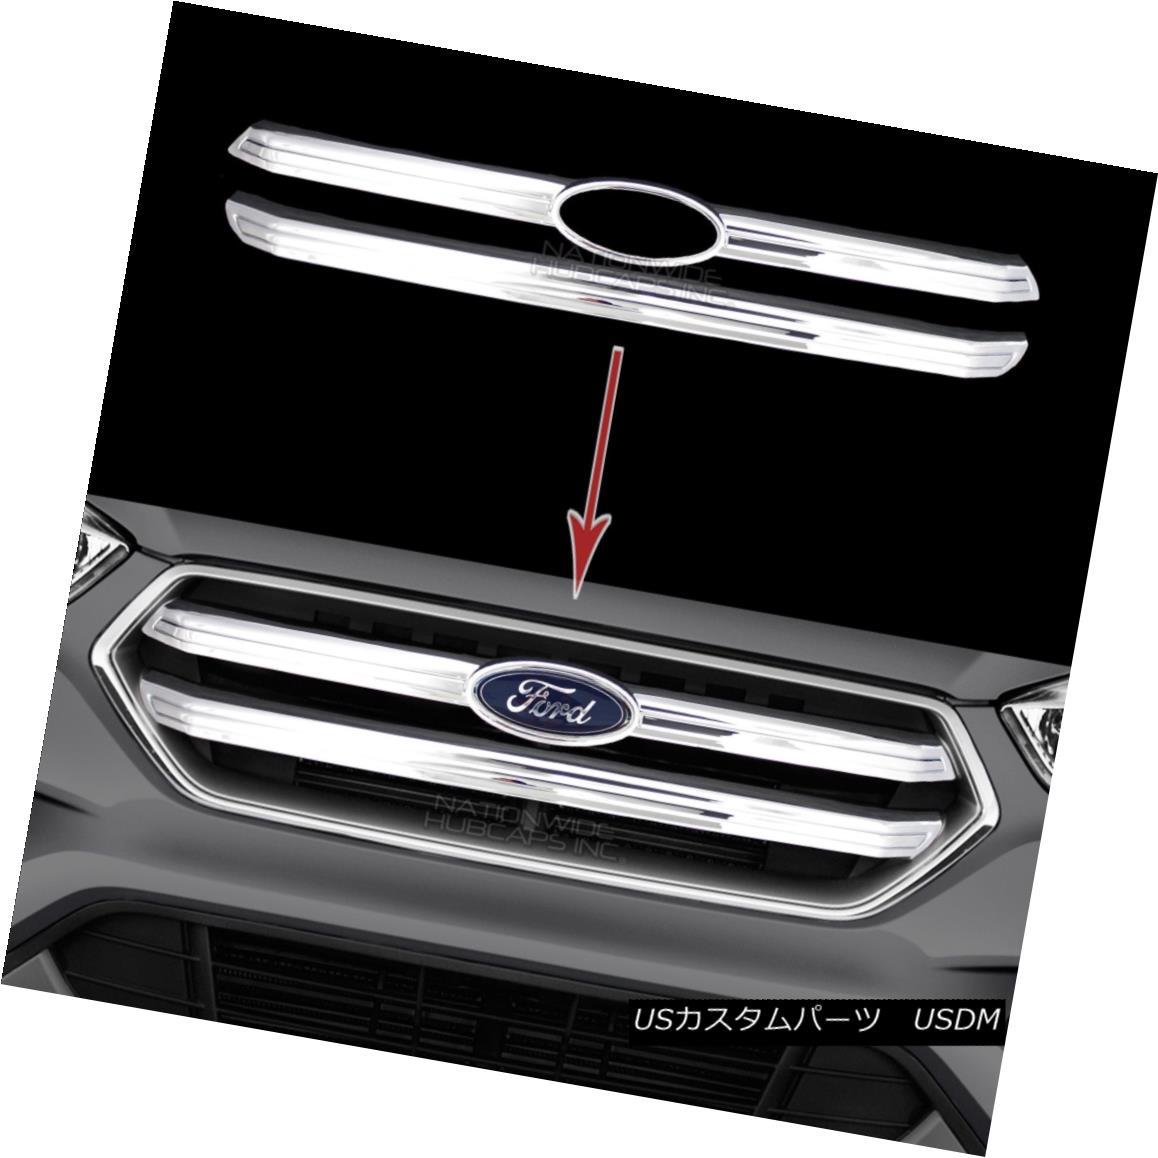 グリル 16-18 Ford Escape CHROME Snap On Grille Overlay 2 Bar Grill Trim Covers Inserts 16-18 Ford Escape CHROMEスナップオングリルオーバーレイ2バーグリルトリムカバーインサート